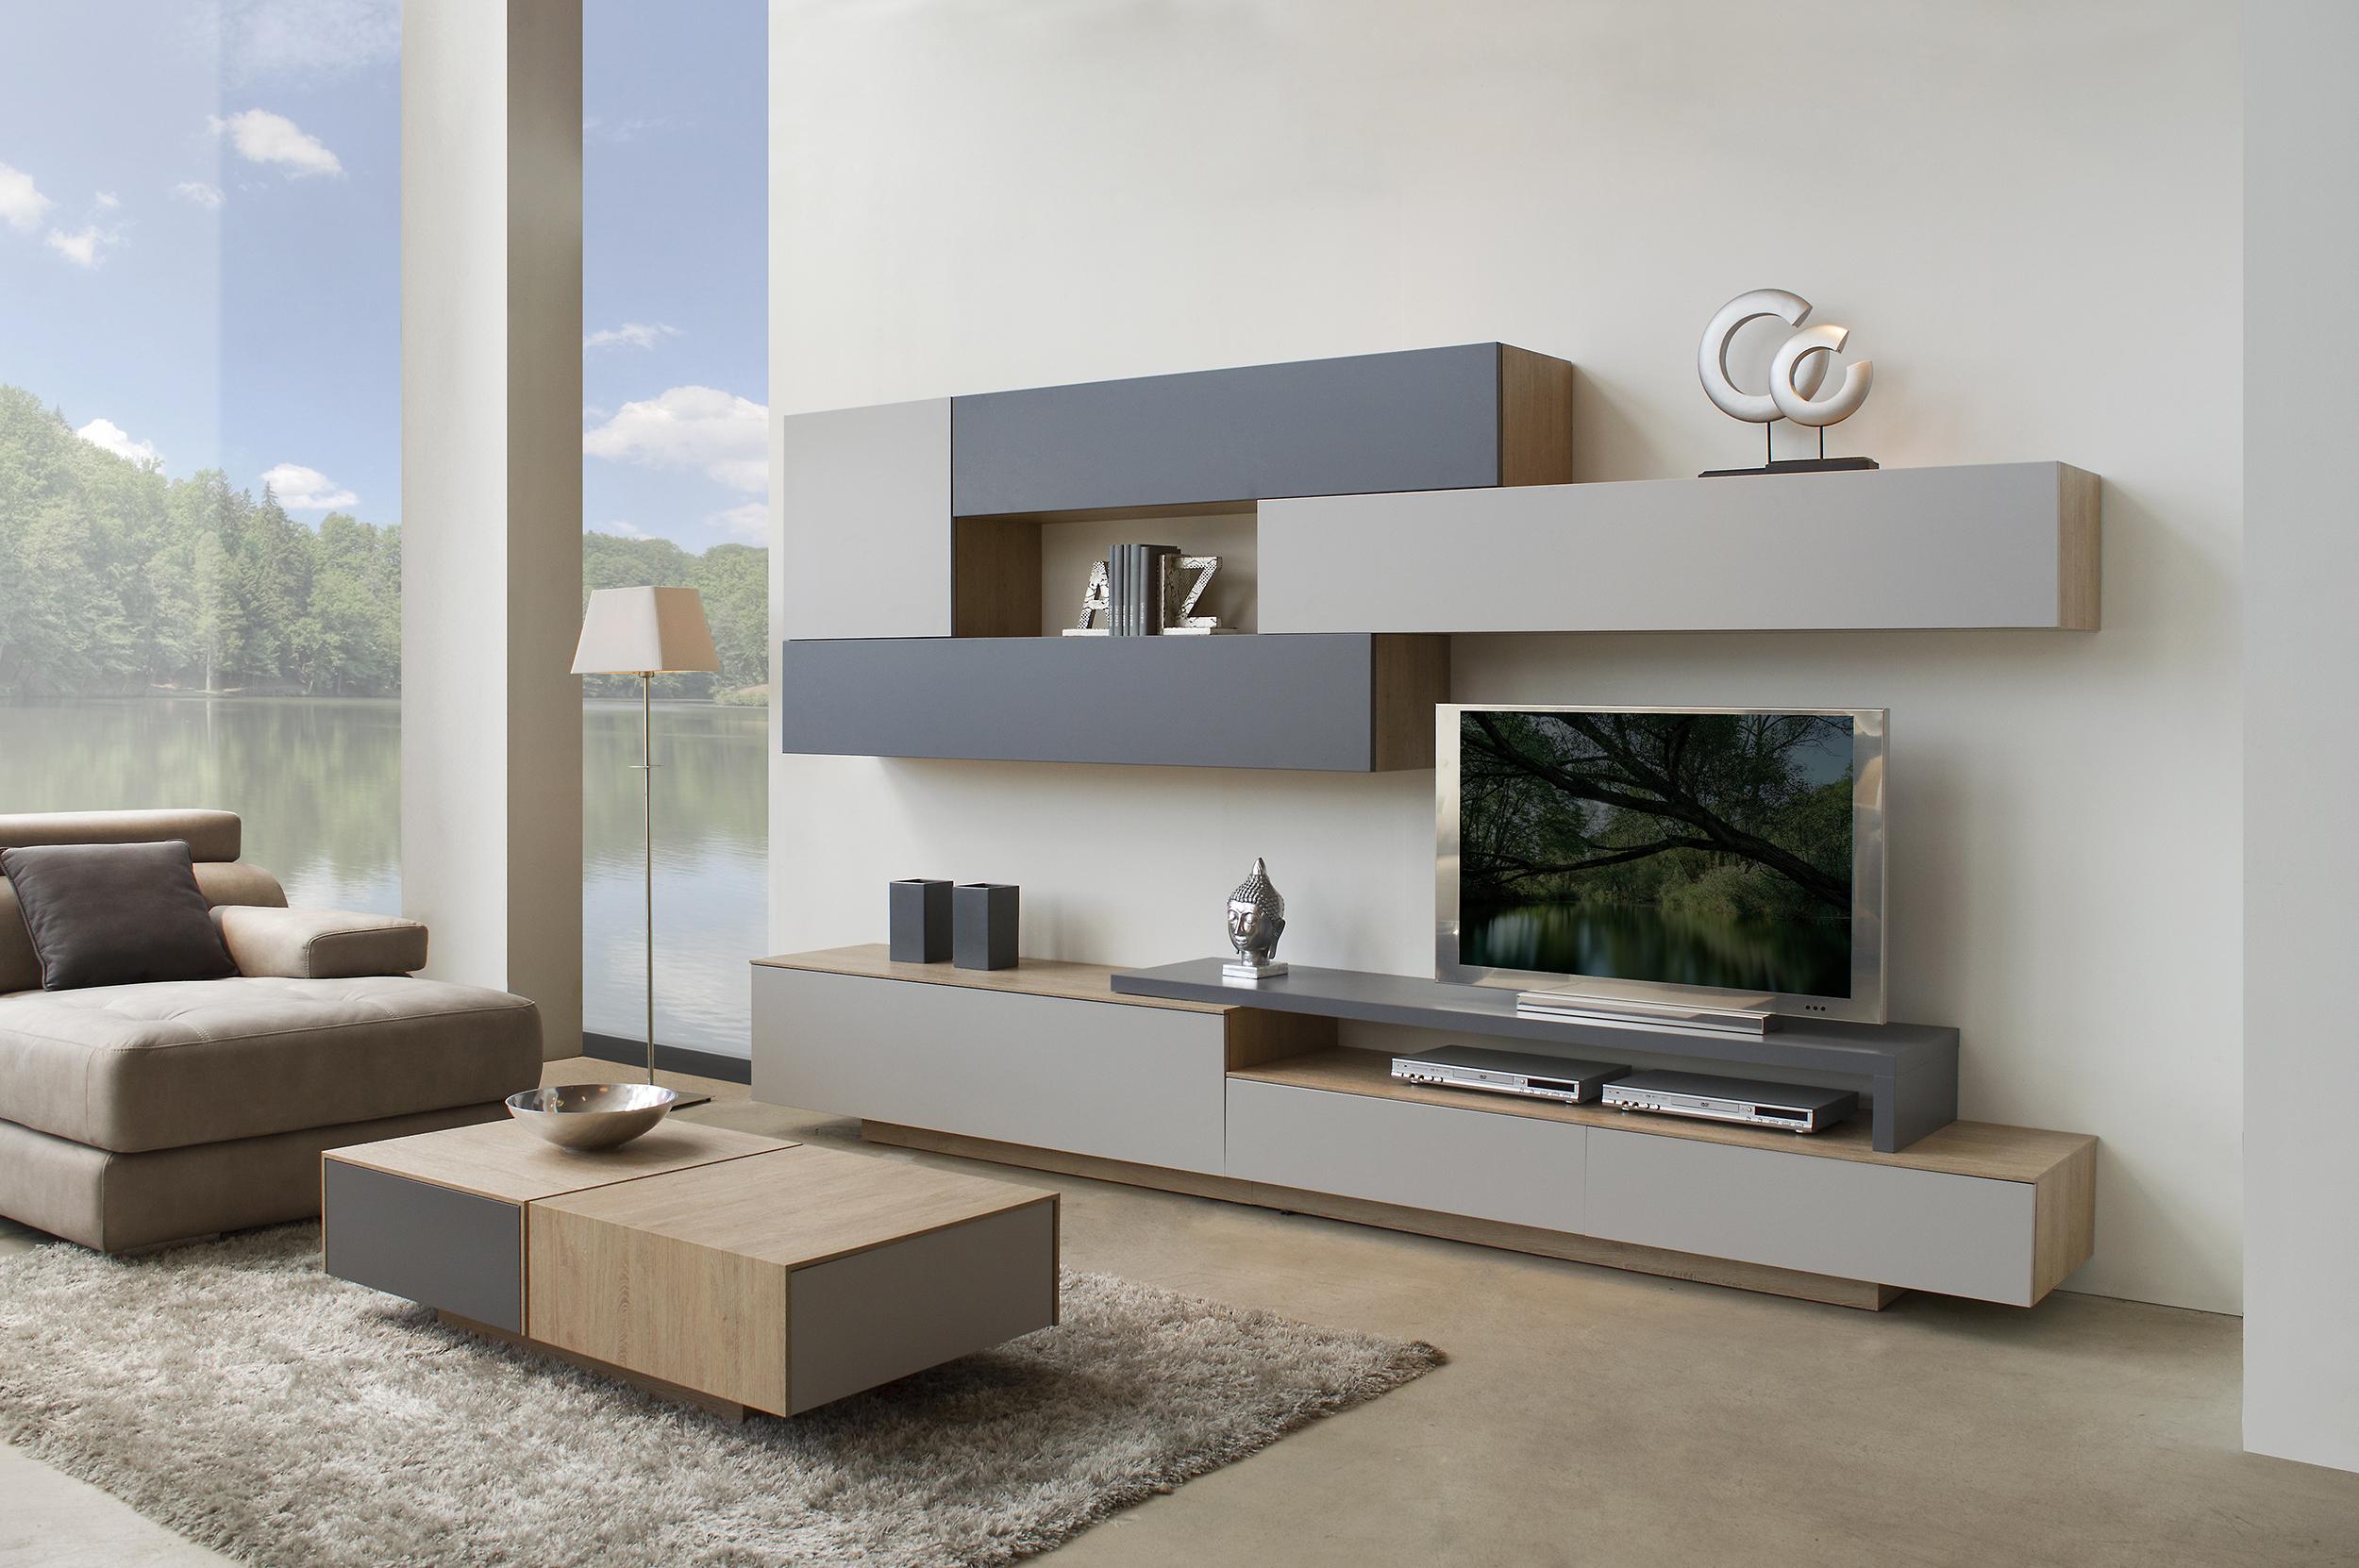 Comprar muebles en la senia best finest finest ofertas de - Muebles tuco castellon ...